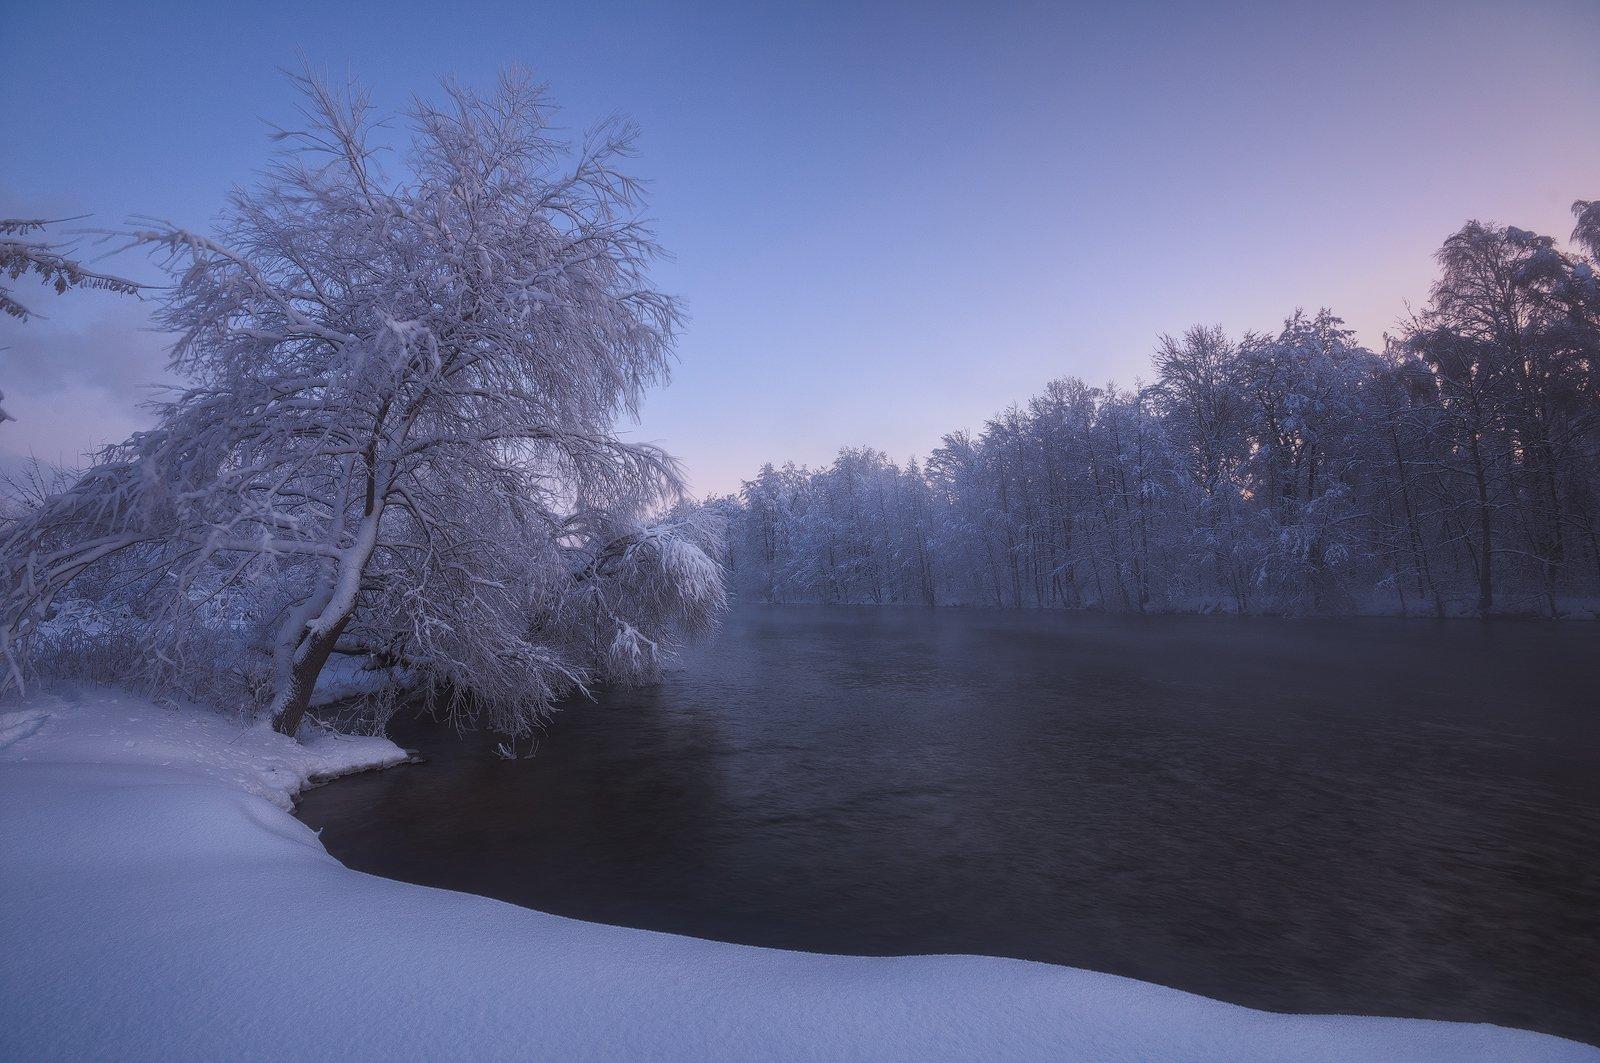 россия, подмосковье, шатура, пейзаж, природа, зима, утро, рассвет, мороз, снег, иней, озеро, вода, пар, деревья, небо, свет, Иван Мухин